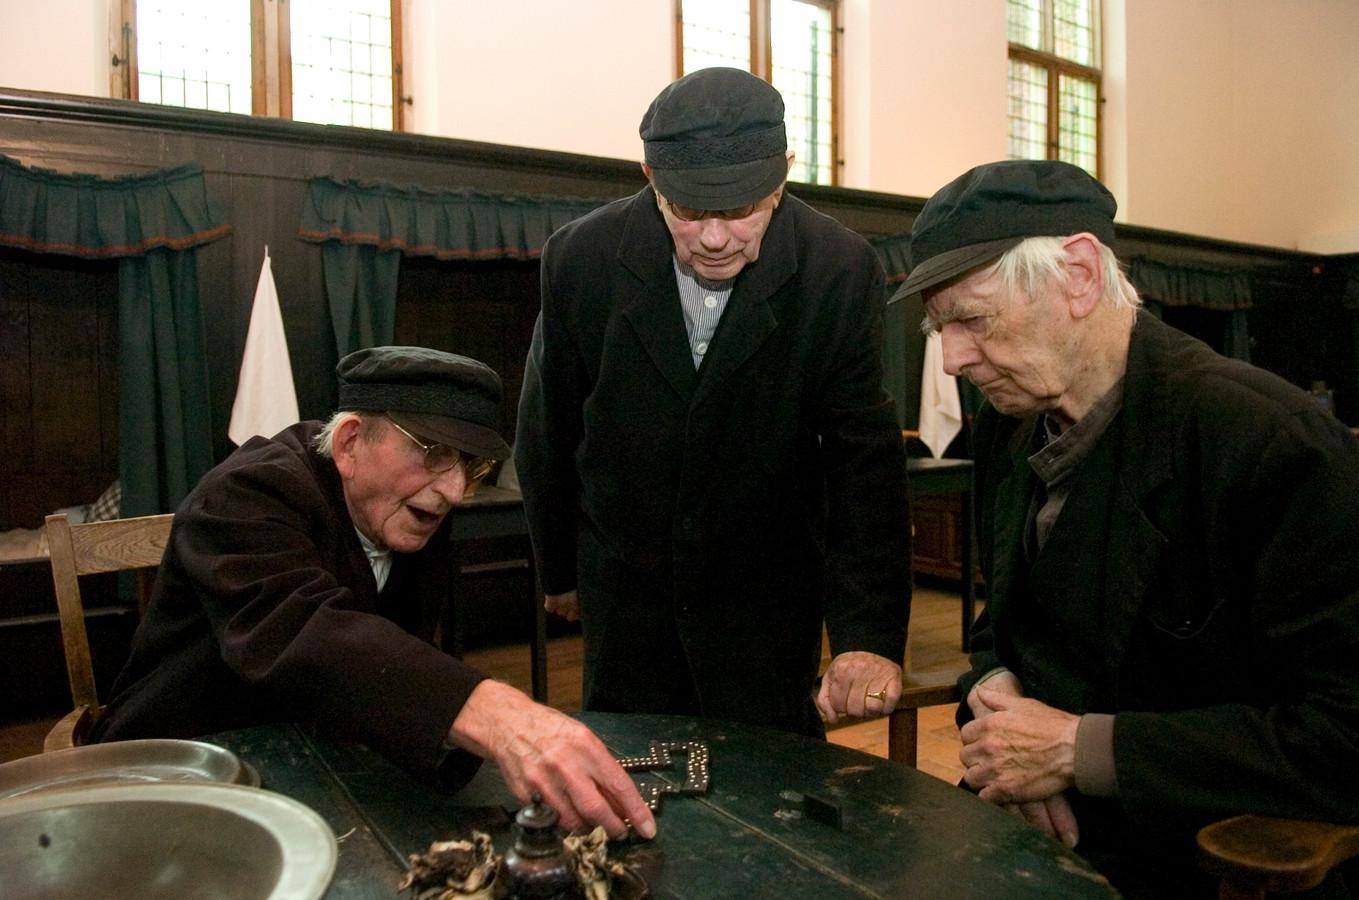 Vrijwilligers tijdens hun rollenspel in de Mannenzaal.